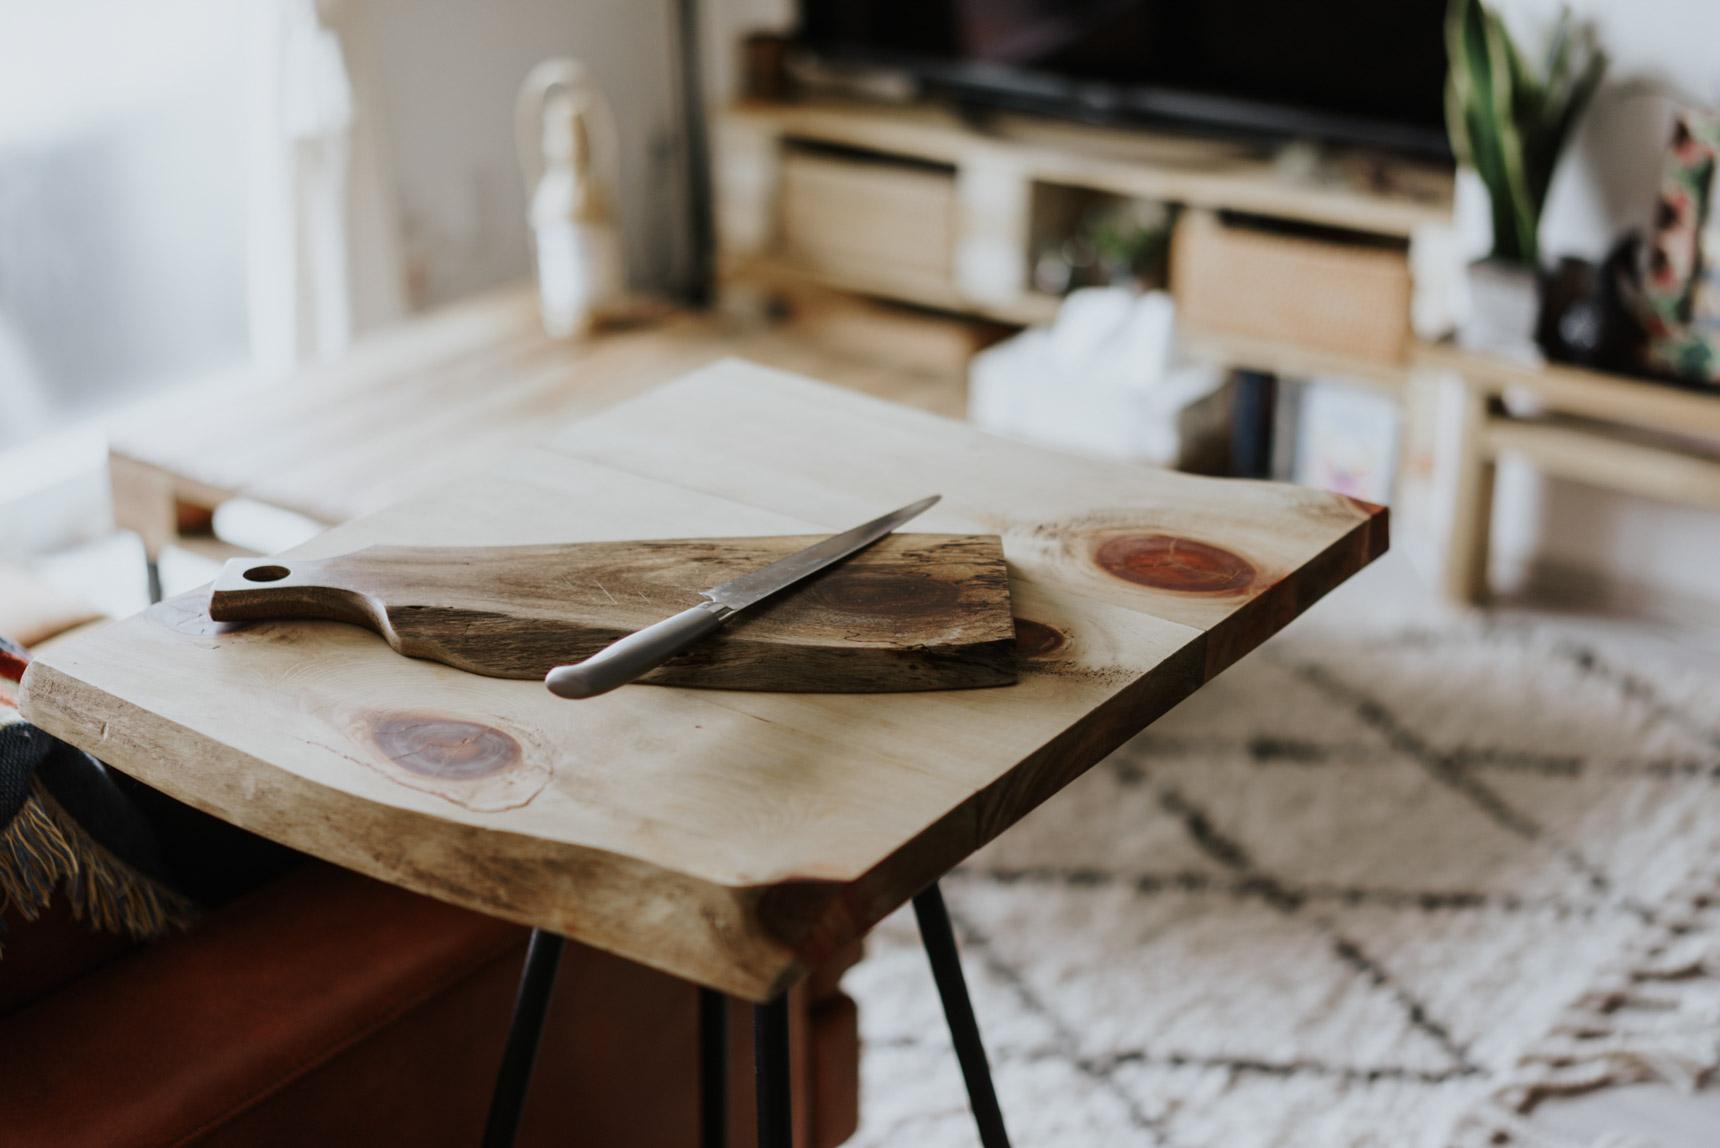 作業台テーブルは、脚だけを購入して天板は雰囲気に合うものを組み合わせました。